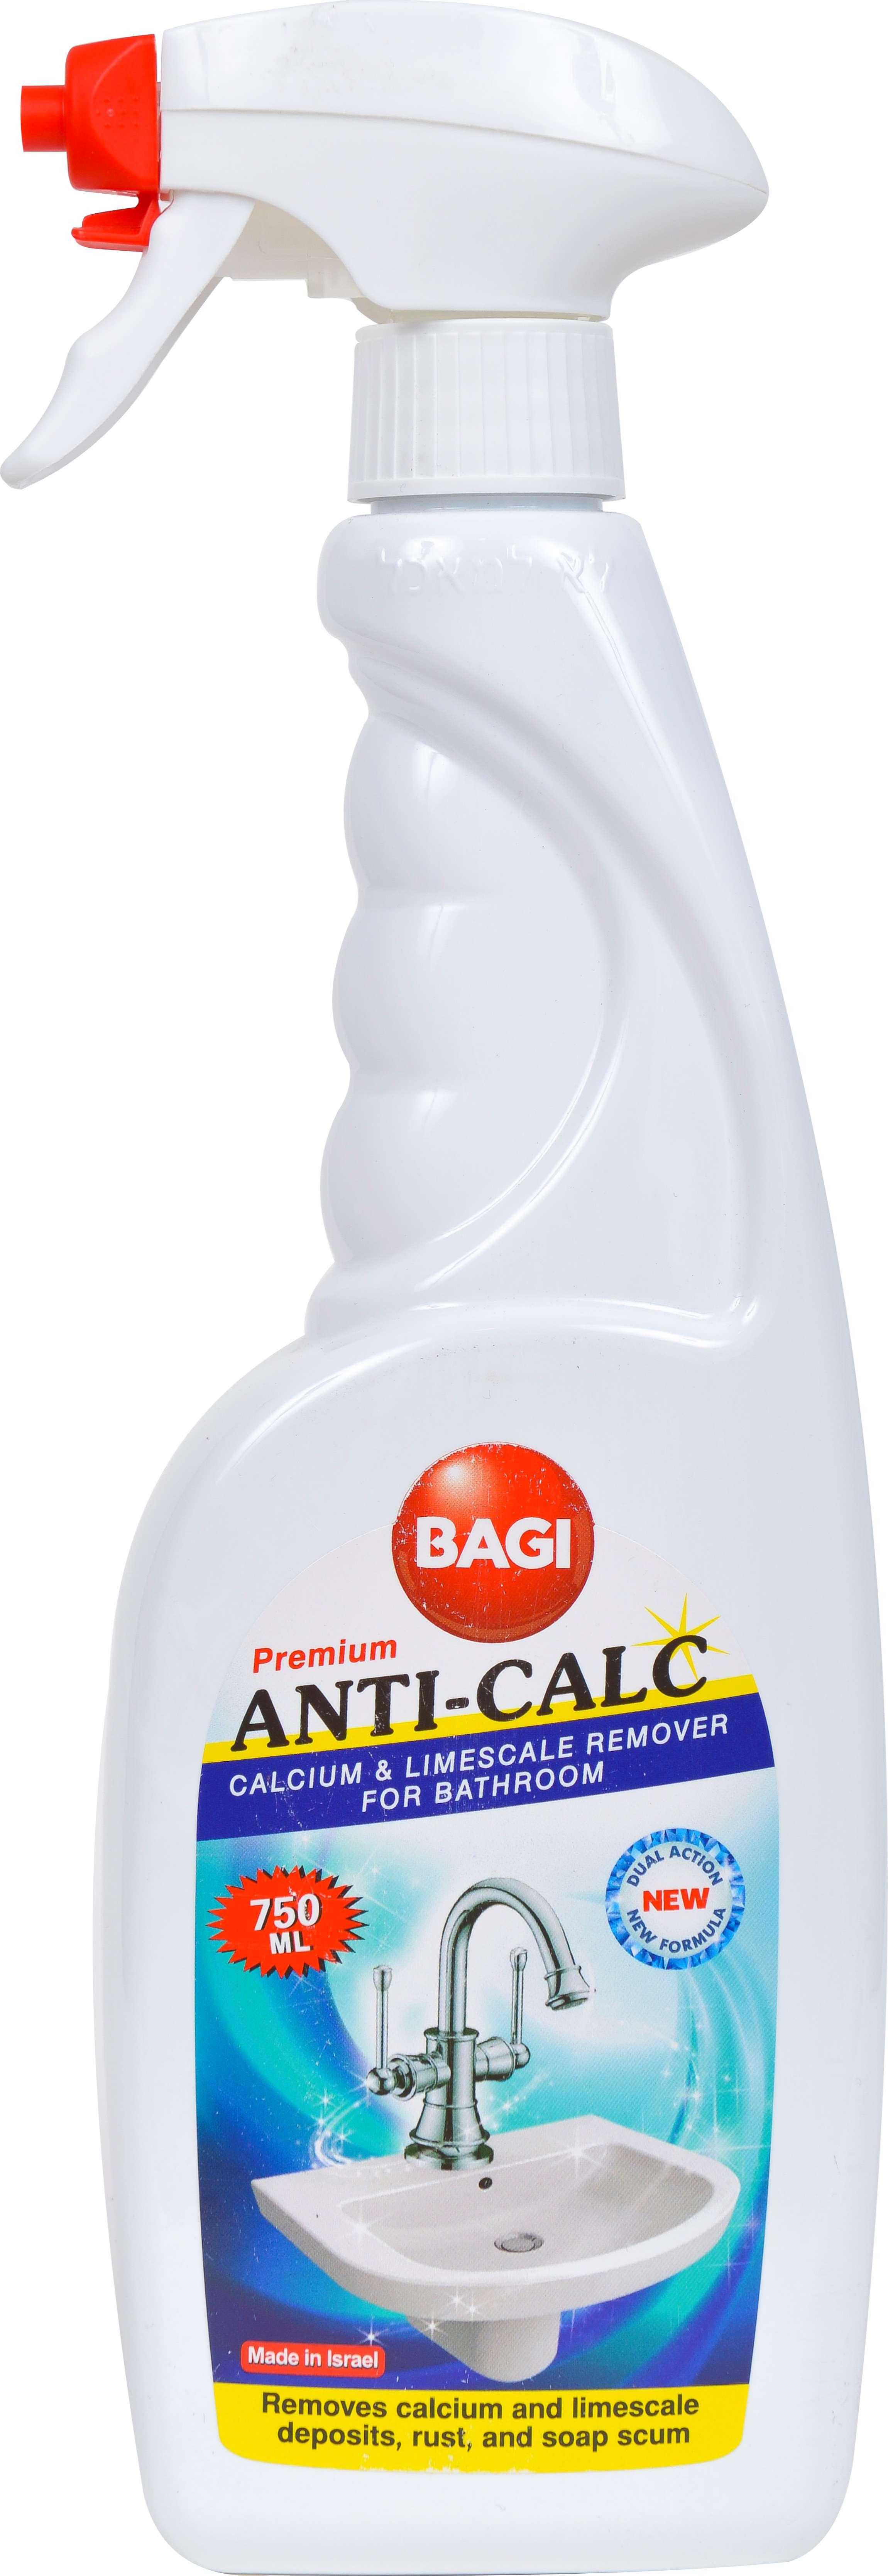 ანტი-კალკი 0,75 ლიტრი